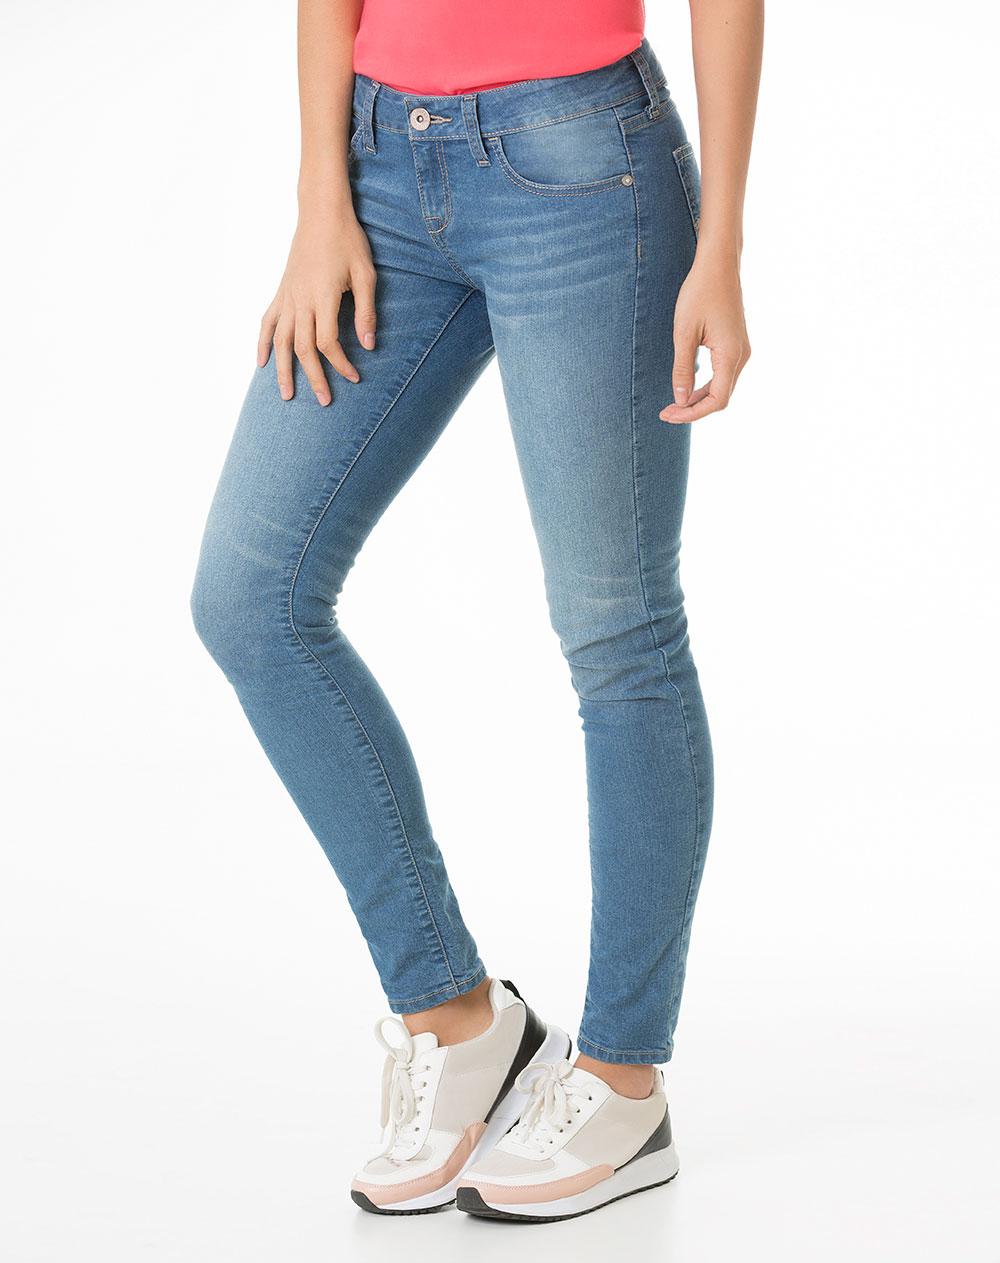 pantalones Clásicos modernos, básicos casuales y prendas clave de moda; nuestros pantalones y leggings de mujer cumplen las expectativas. Buena imagen, tonos sutiles o el clásico negro; nos adaptados a todos los estilos y ocasiones.